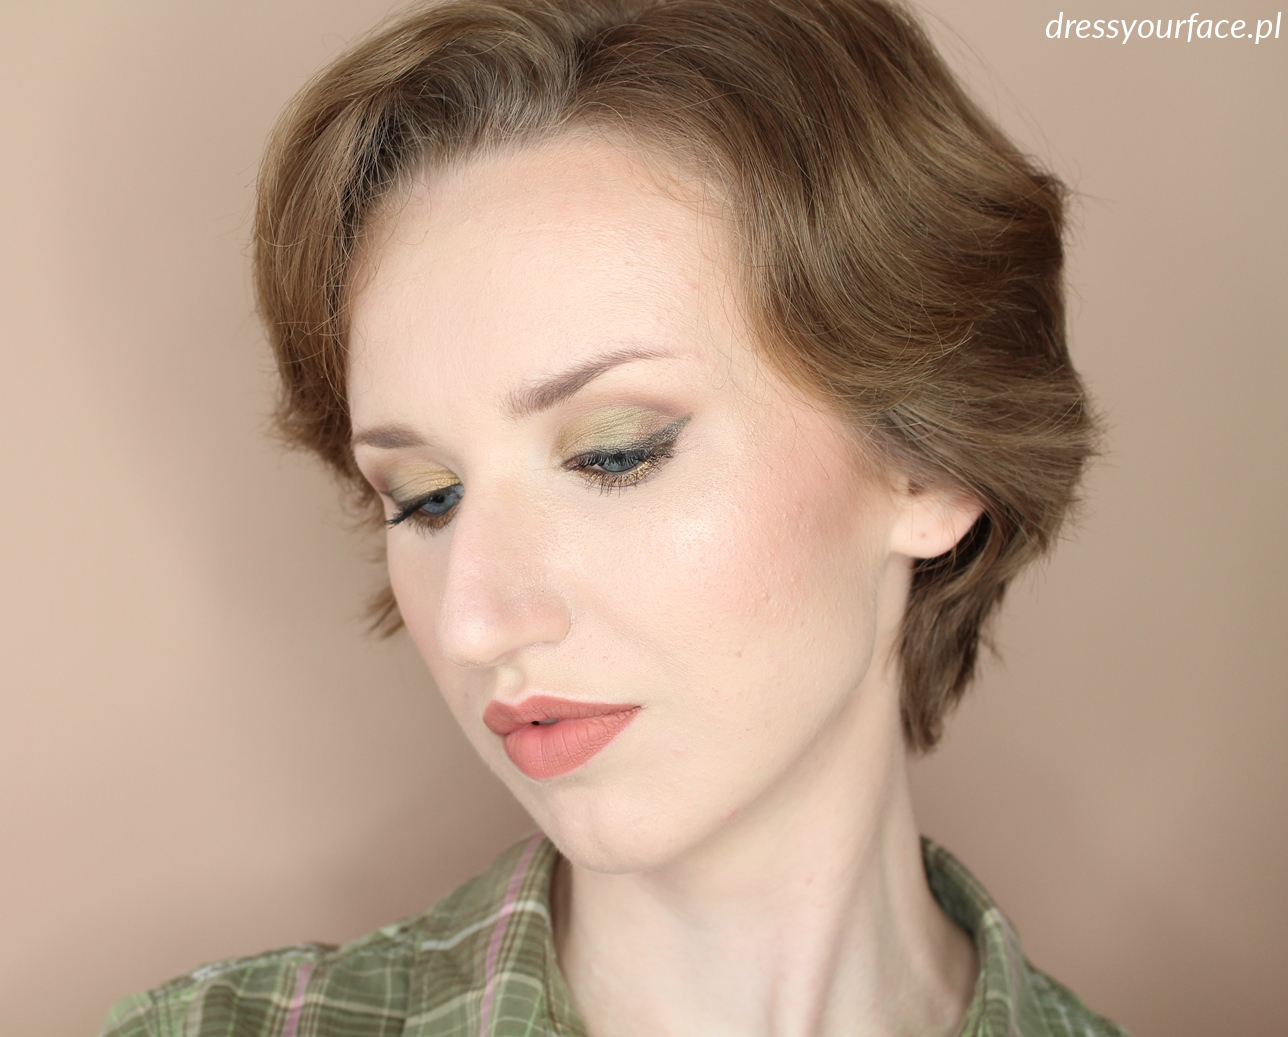 makijaż_khaki_dressyourface